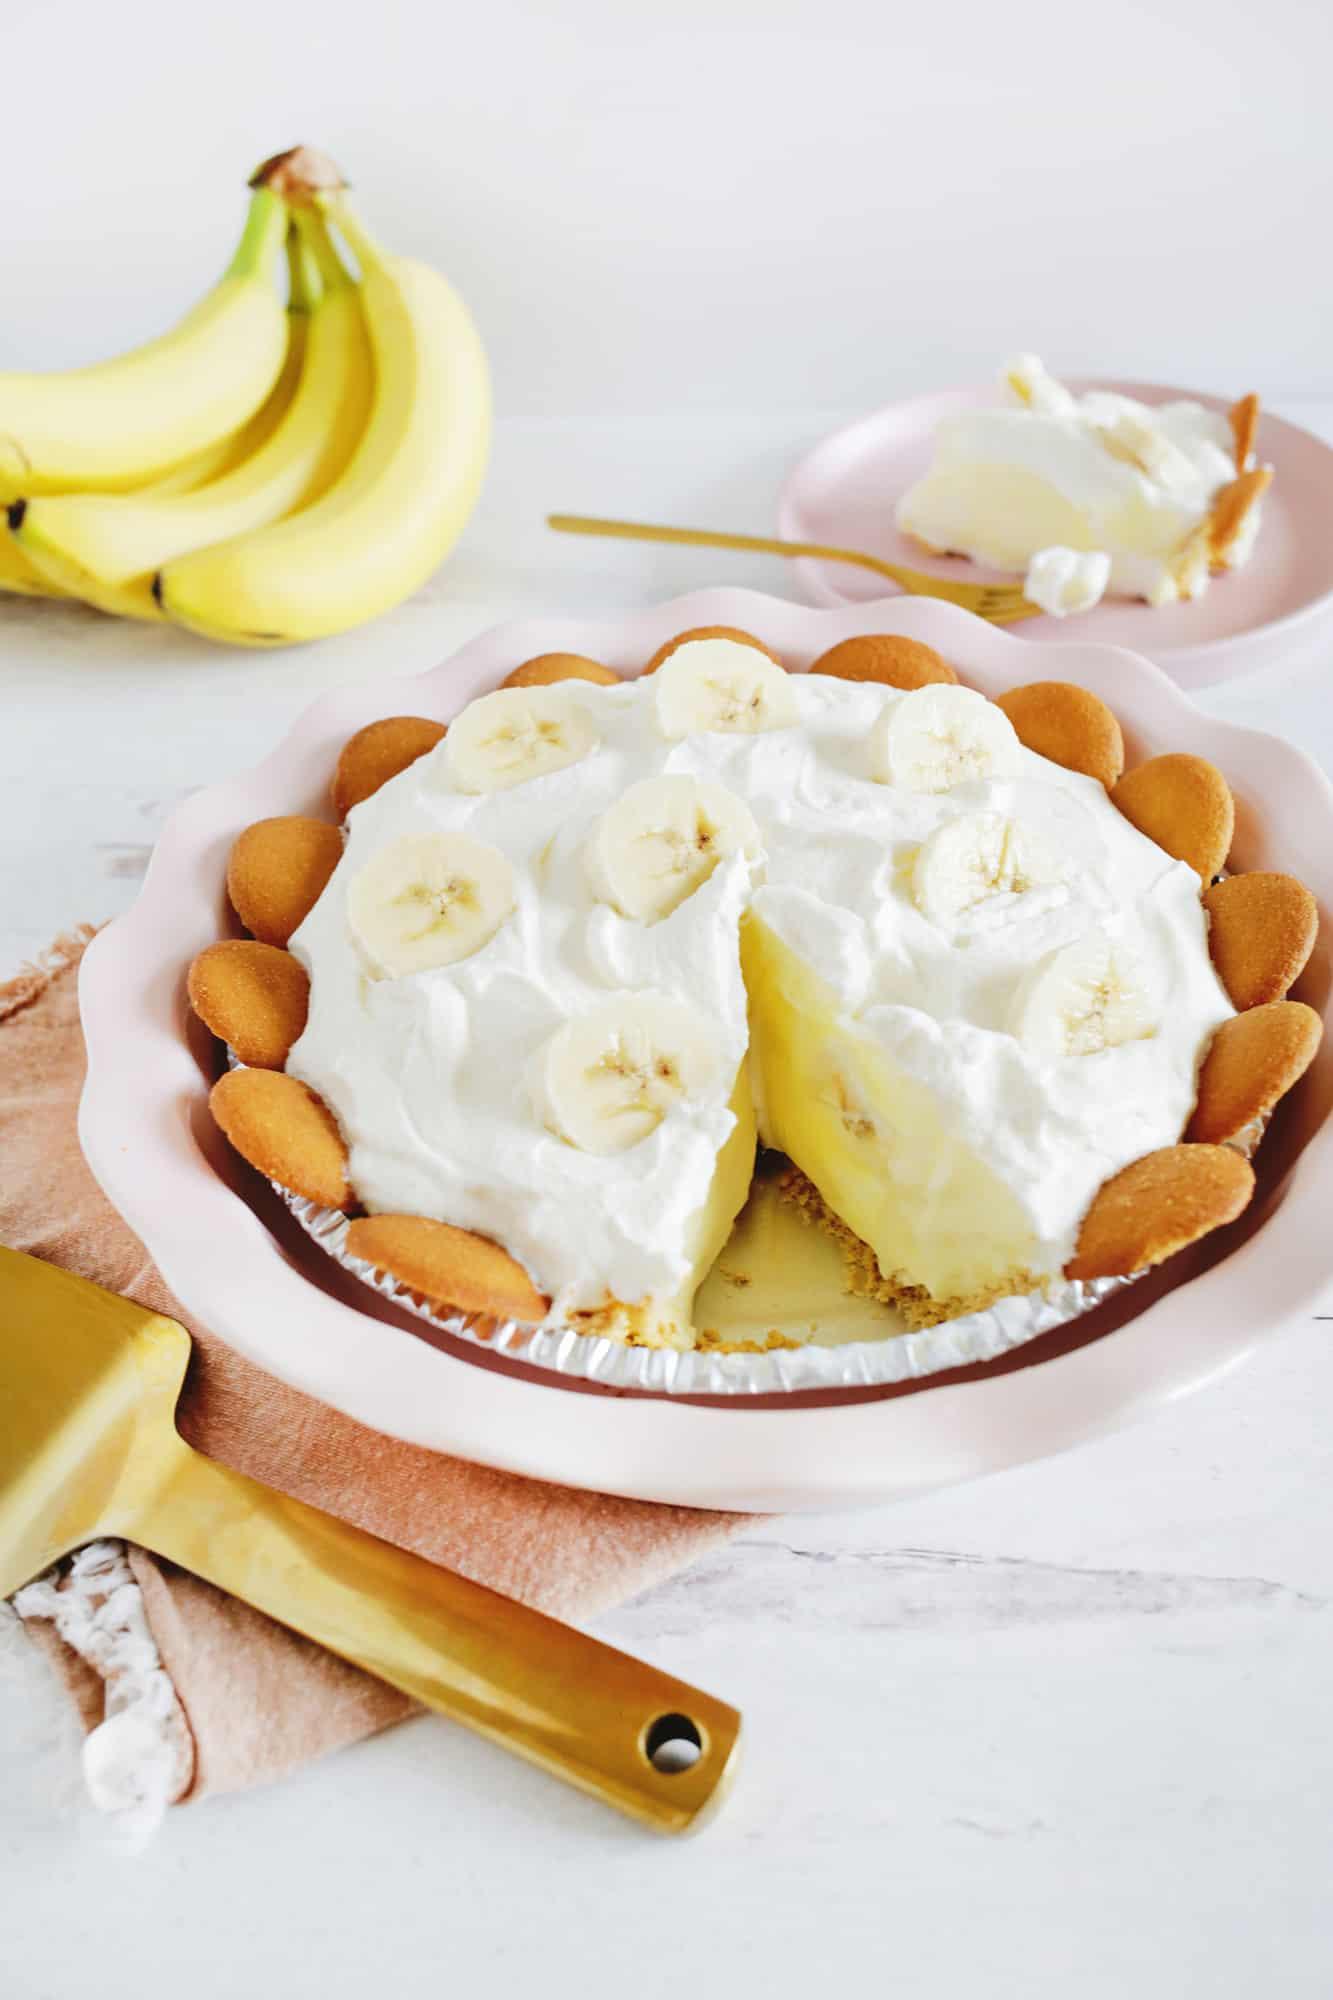 The Best No-Bake Banana Cream Pie